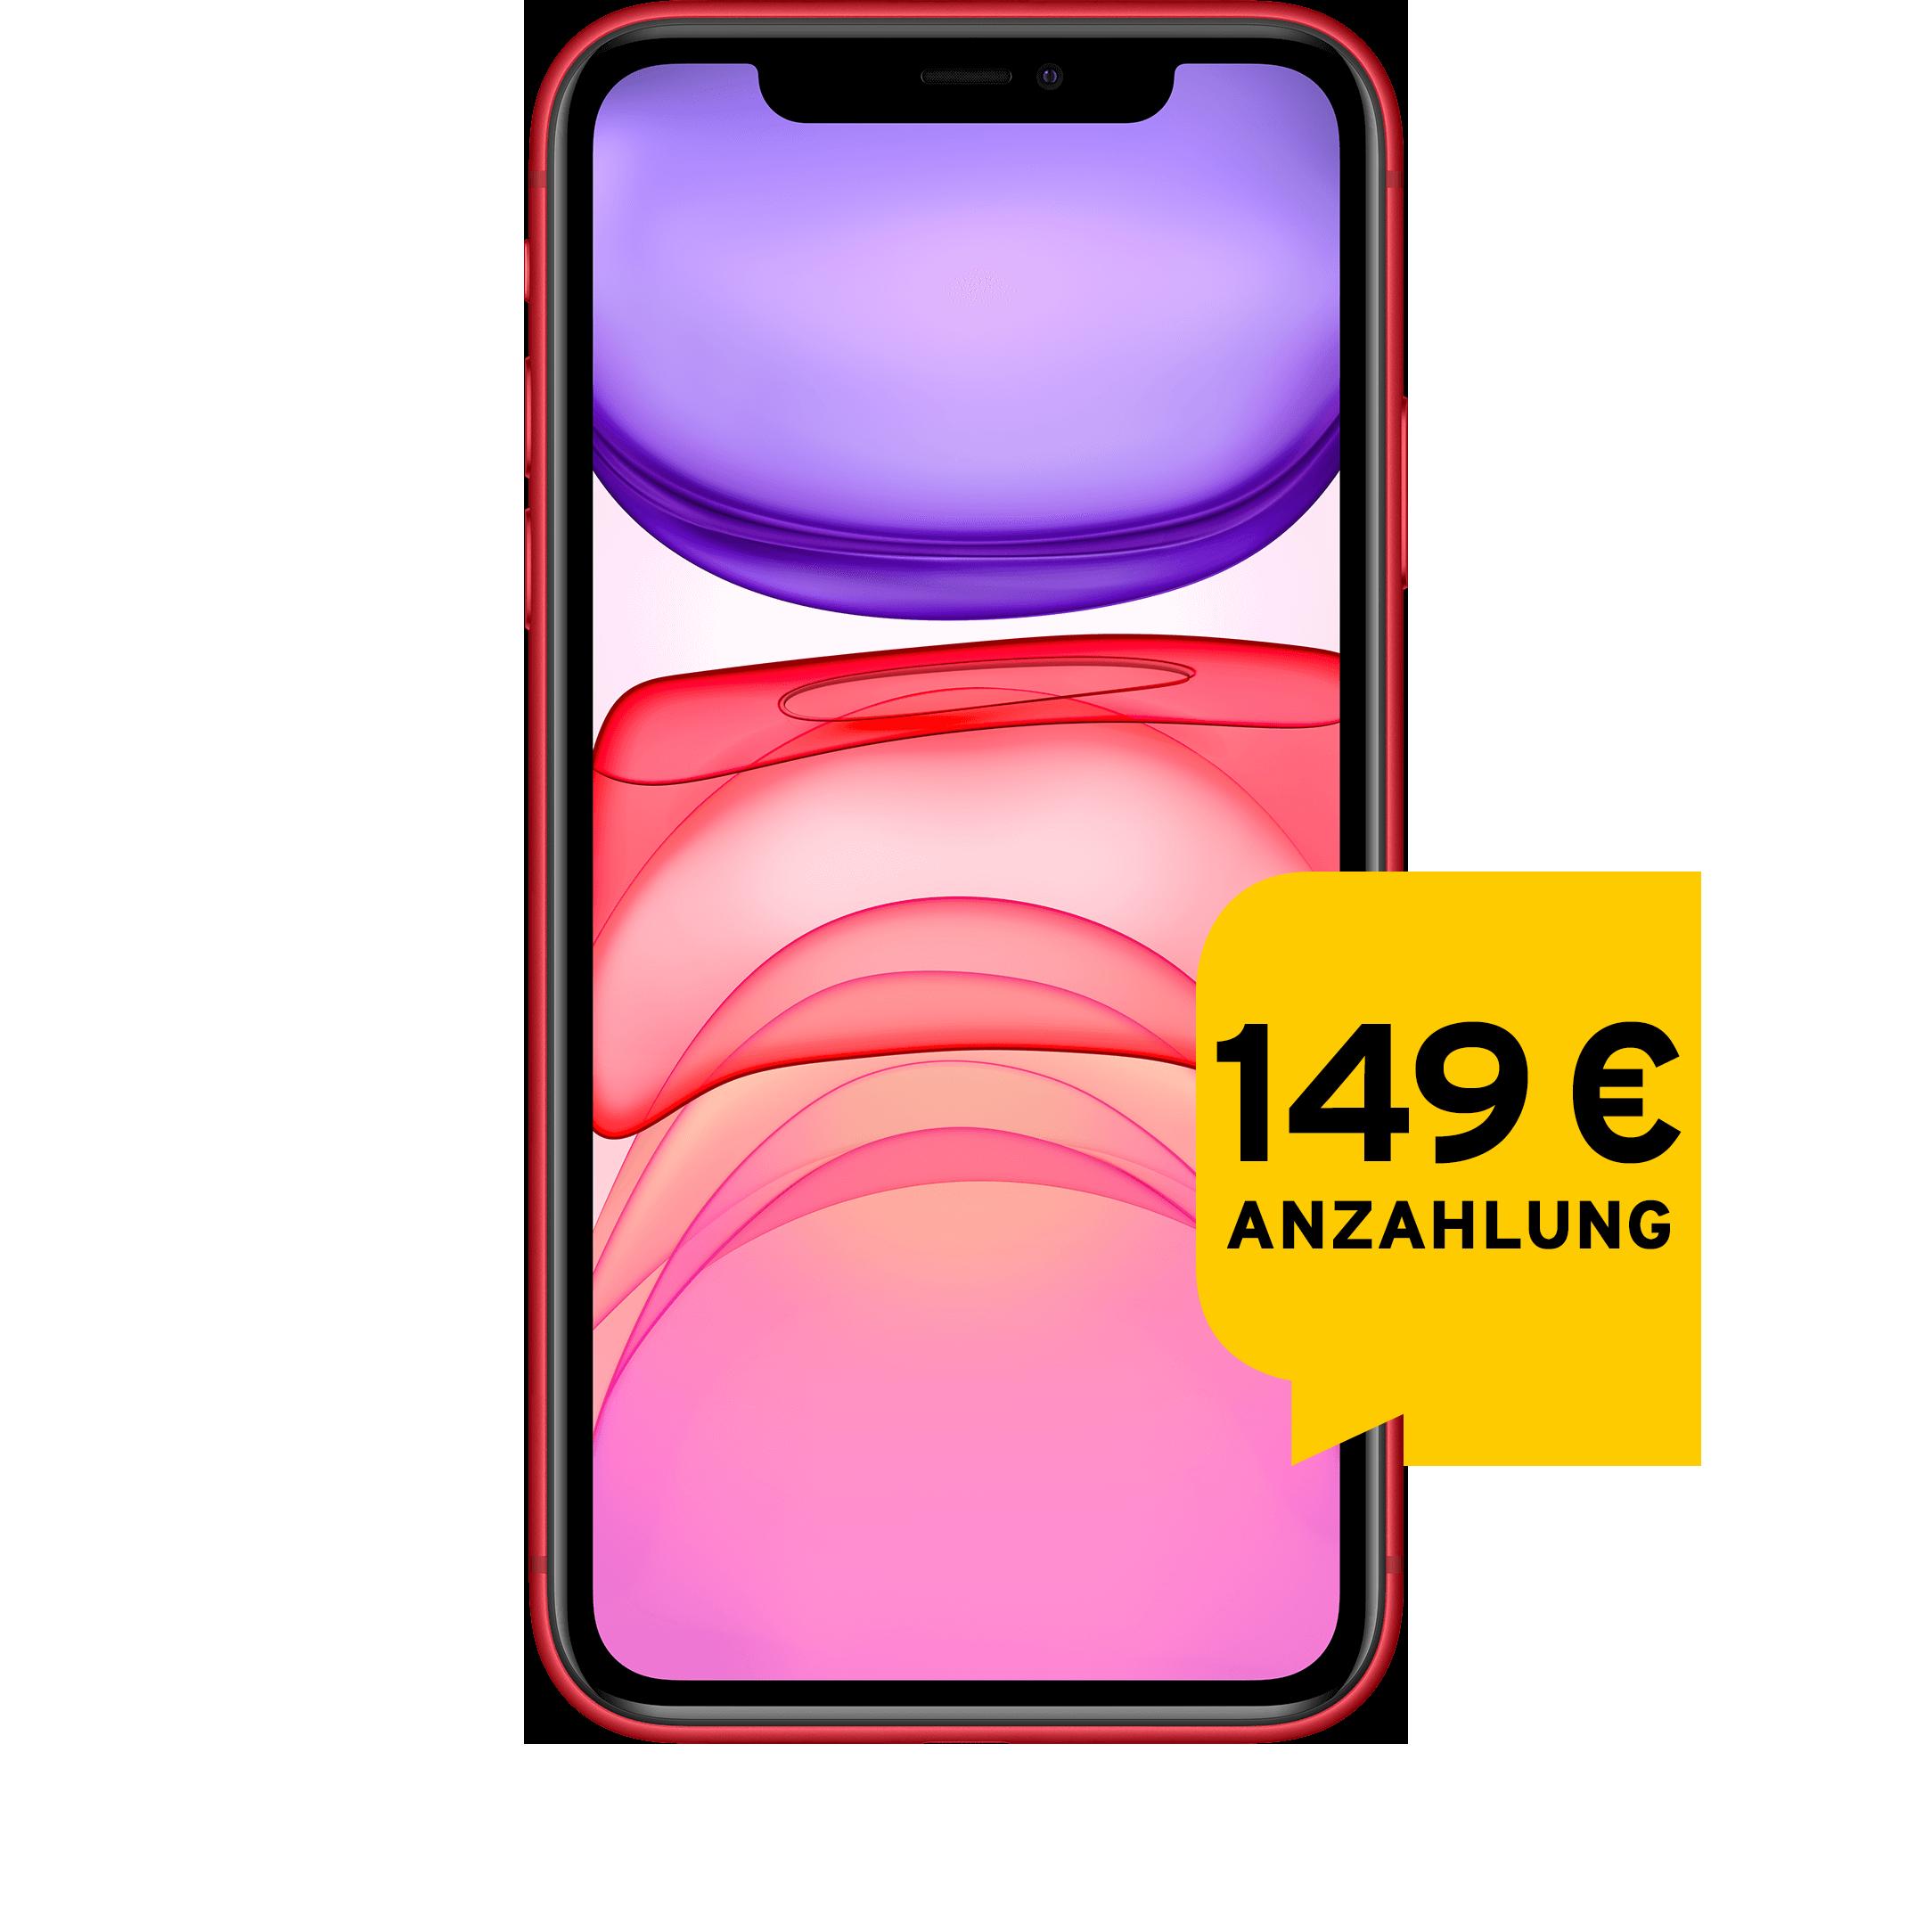 Günstig Kaufen beim Preisvergleich-Apple iPhone 11 128 GB rot Aktion mit Allnet Flat L